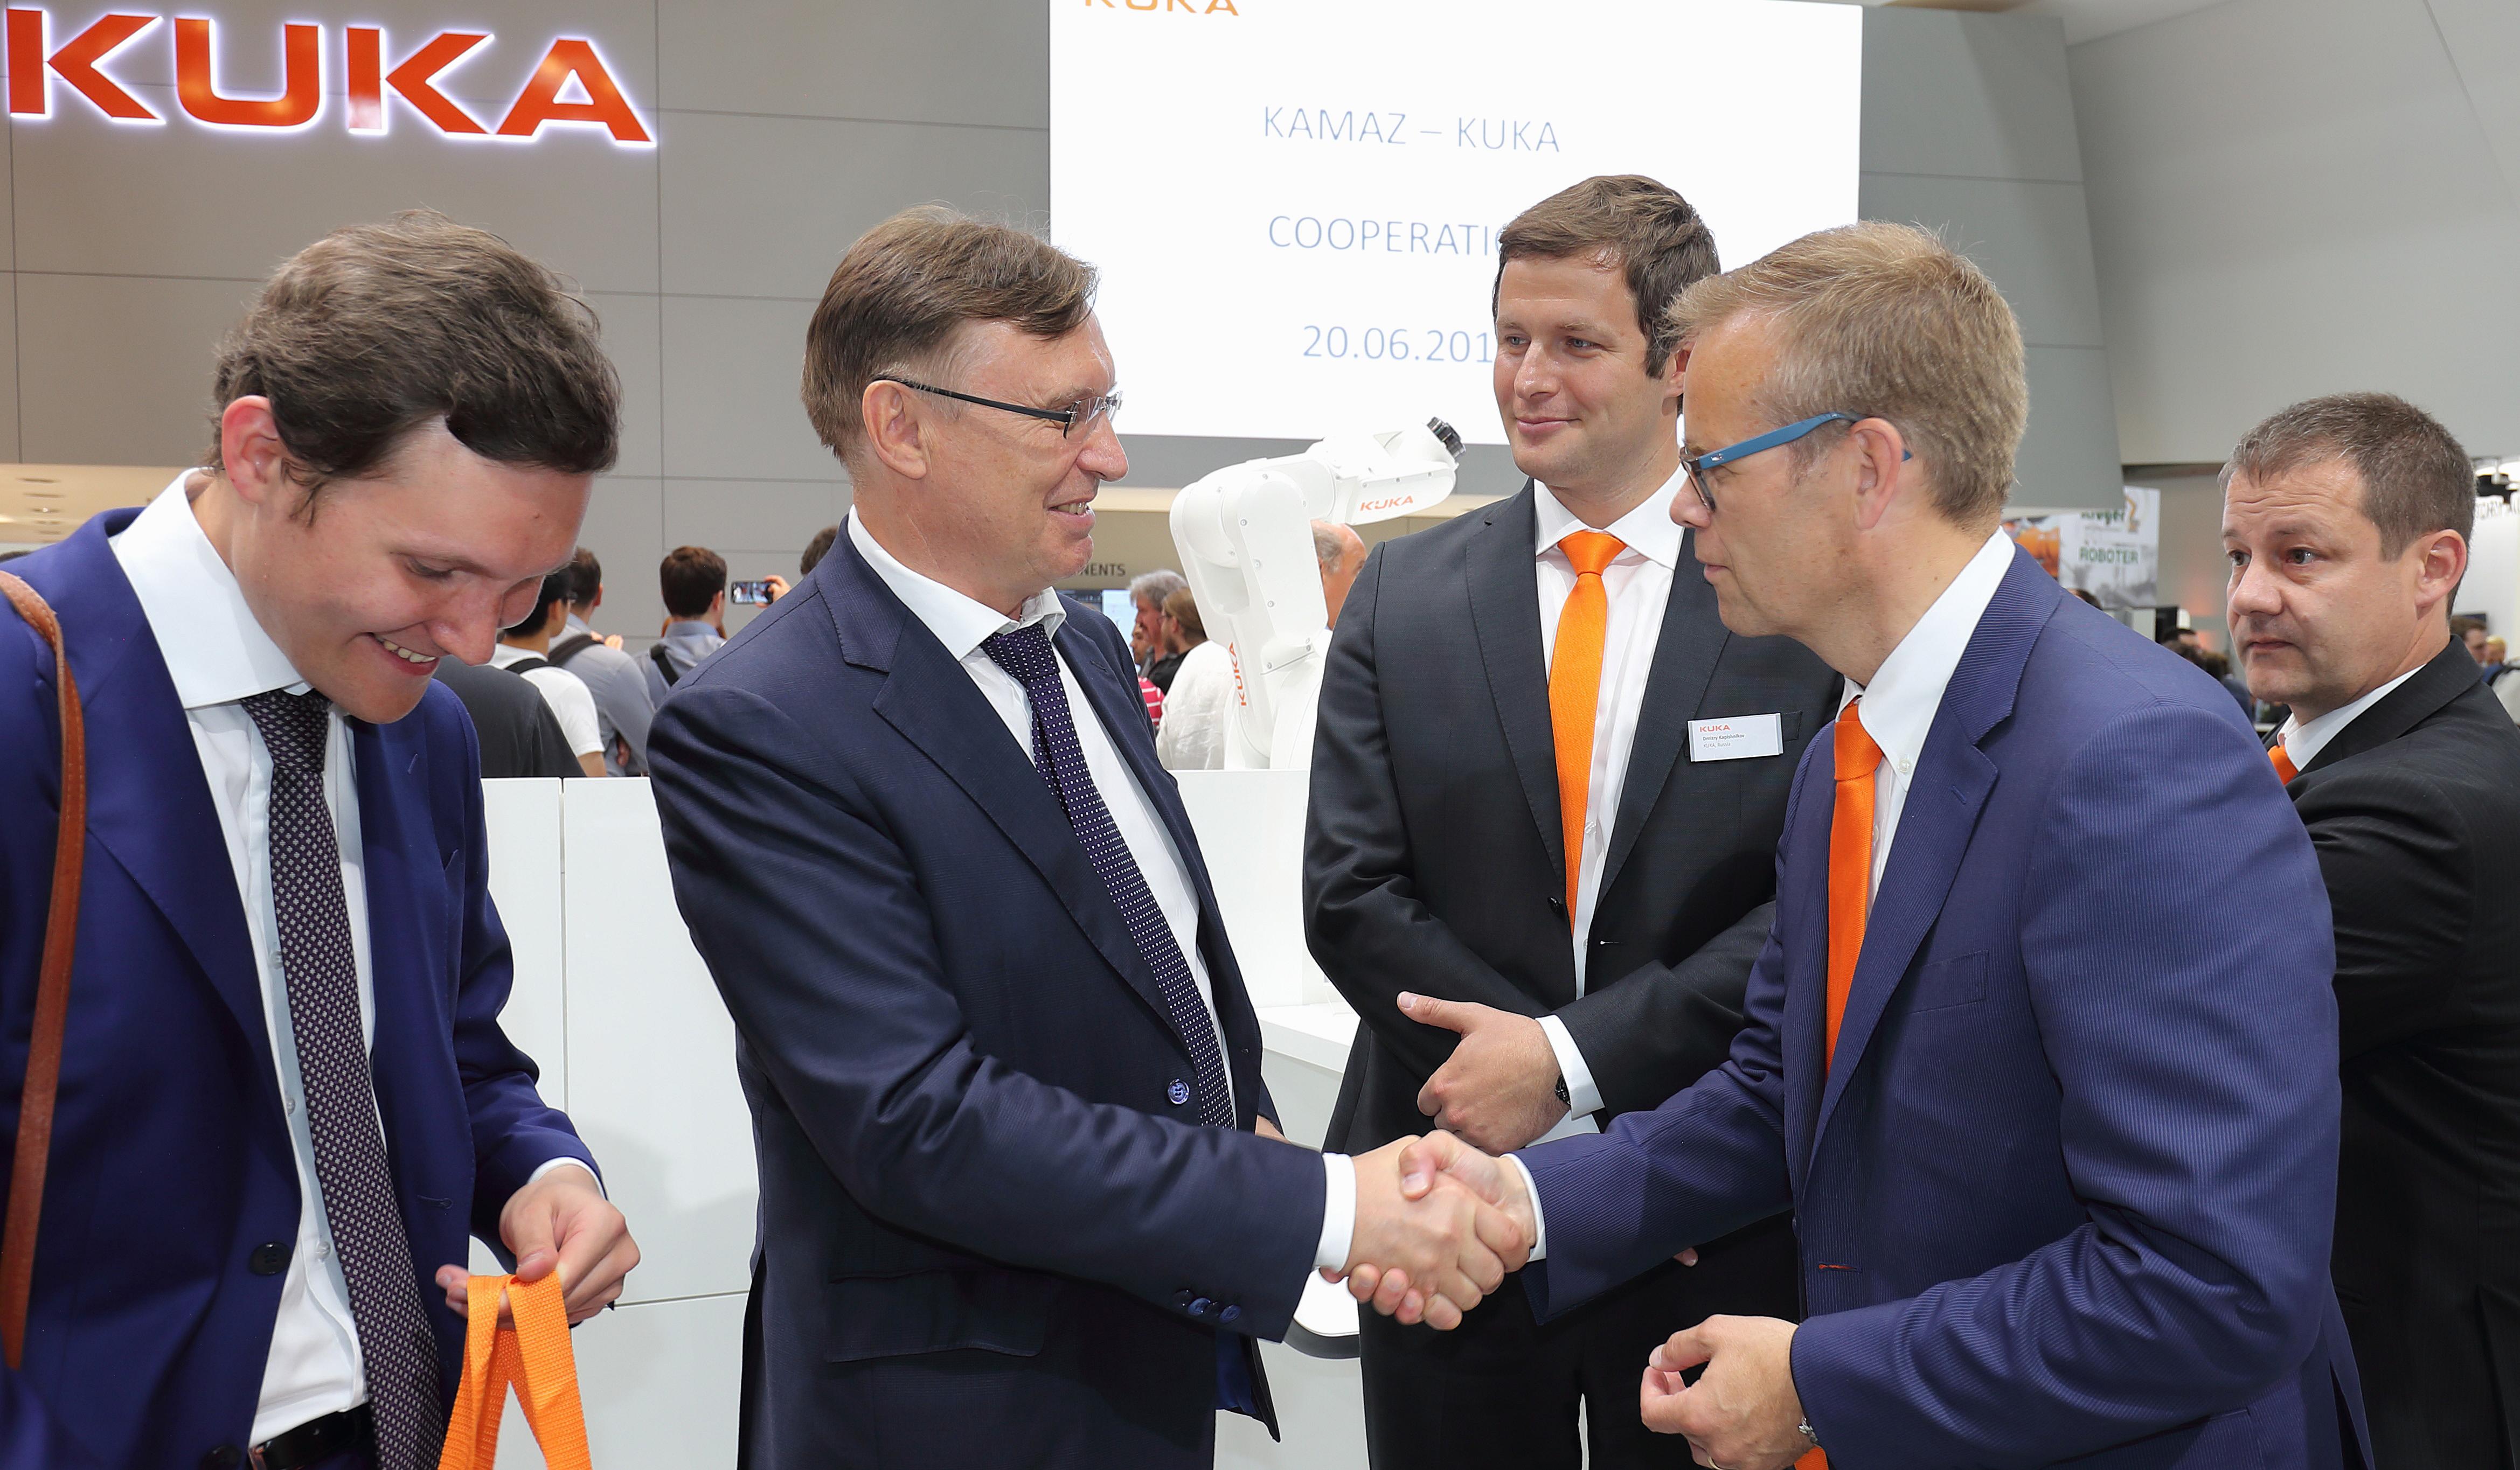 «КАМАЗ» и компания KUKA подписали соглашение о глобальном стратегическом сотрудничестве